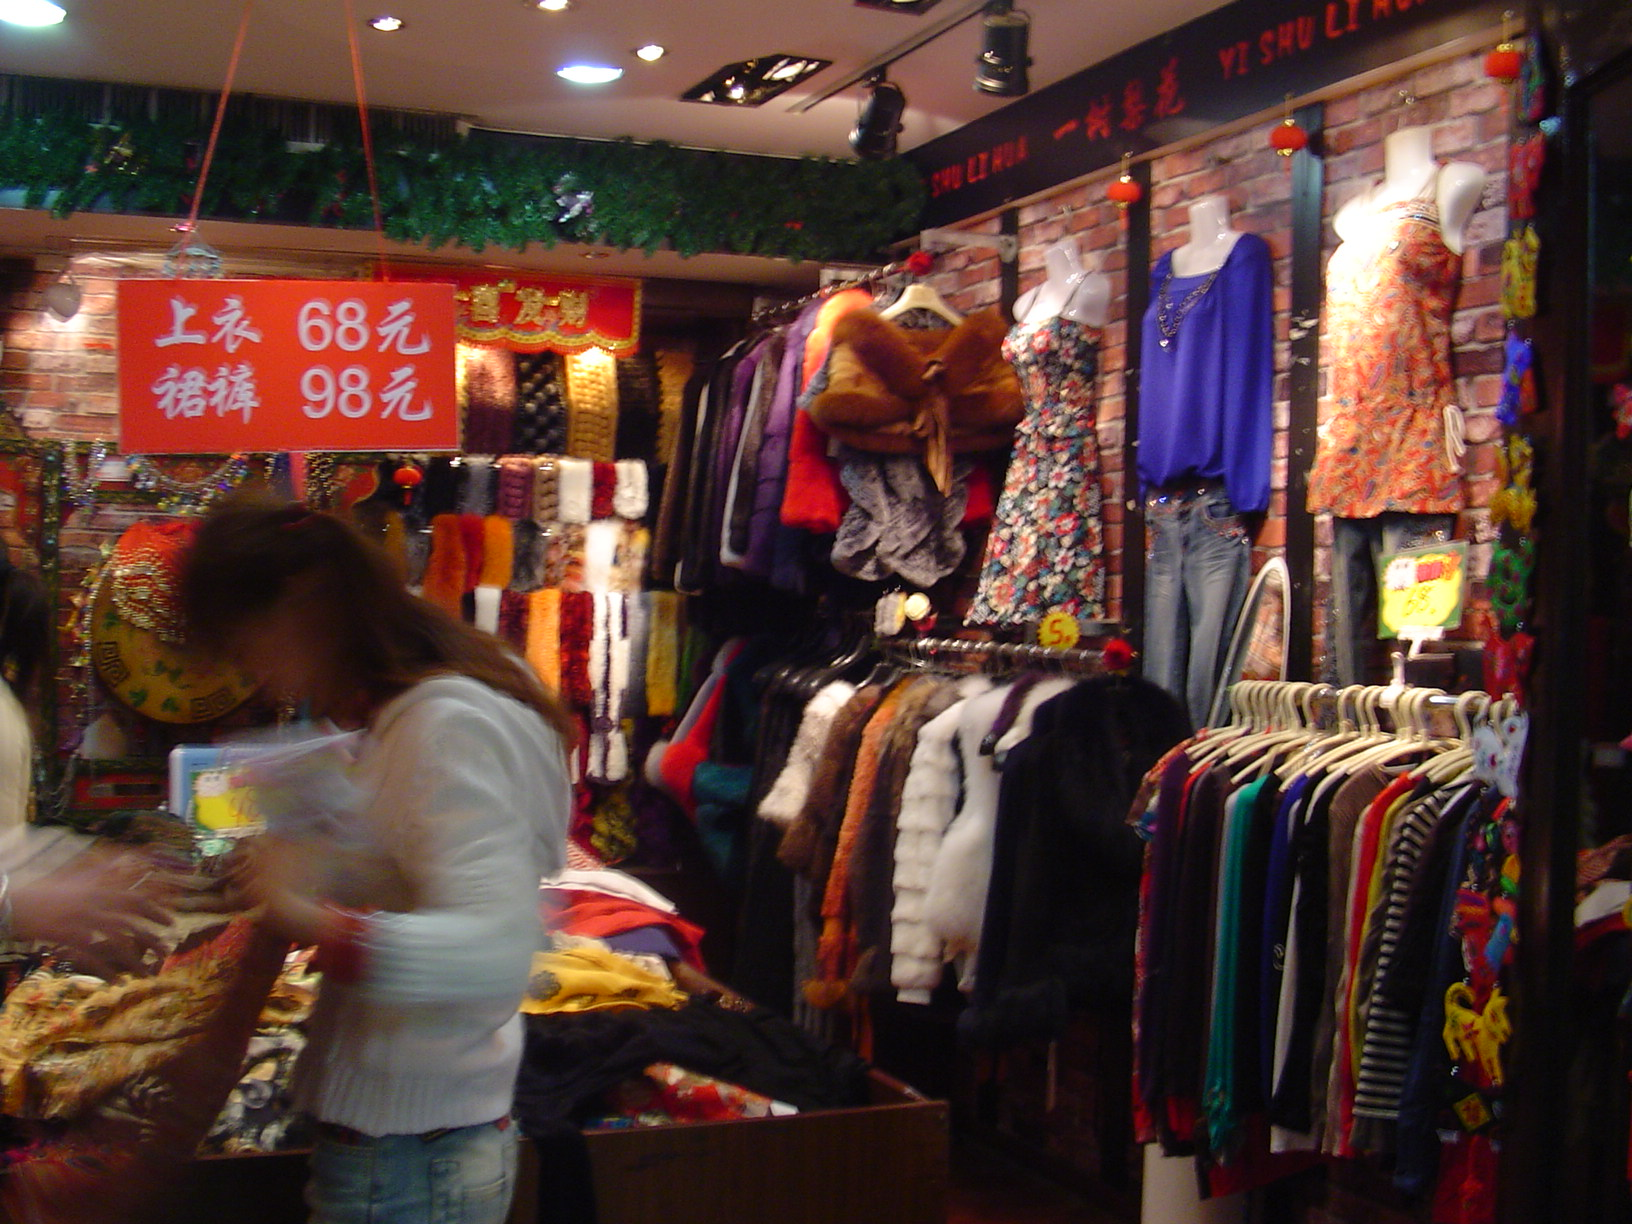 Cijene u trgovinama su više nego povoljne